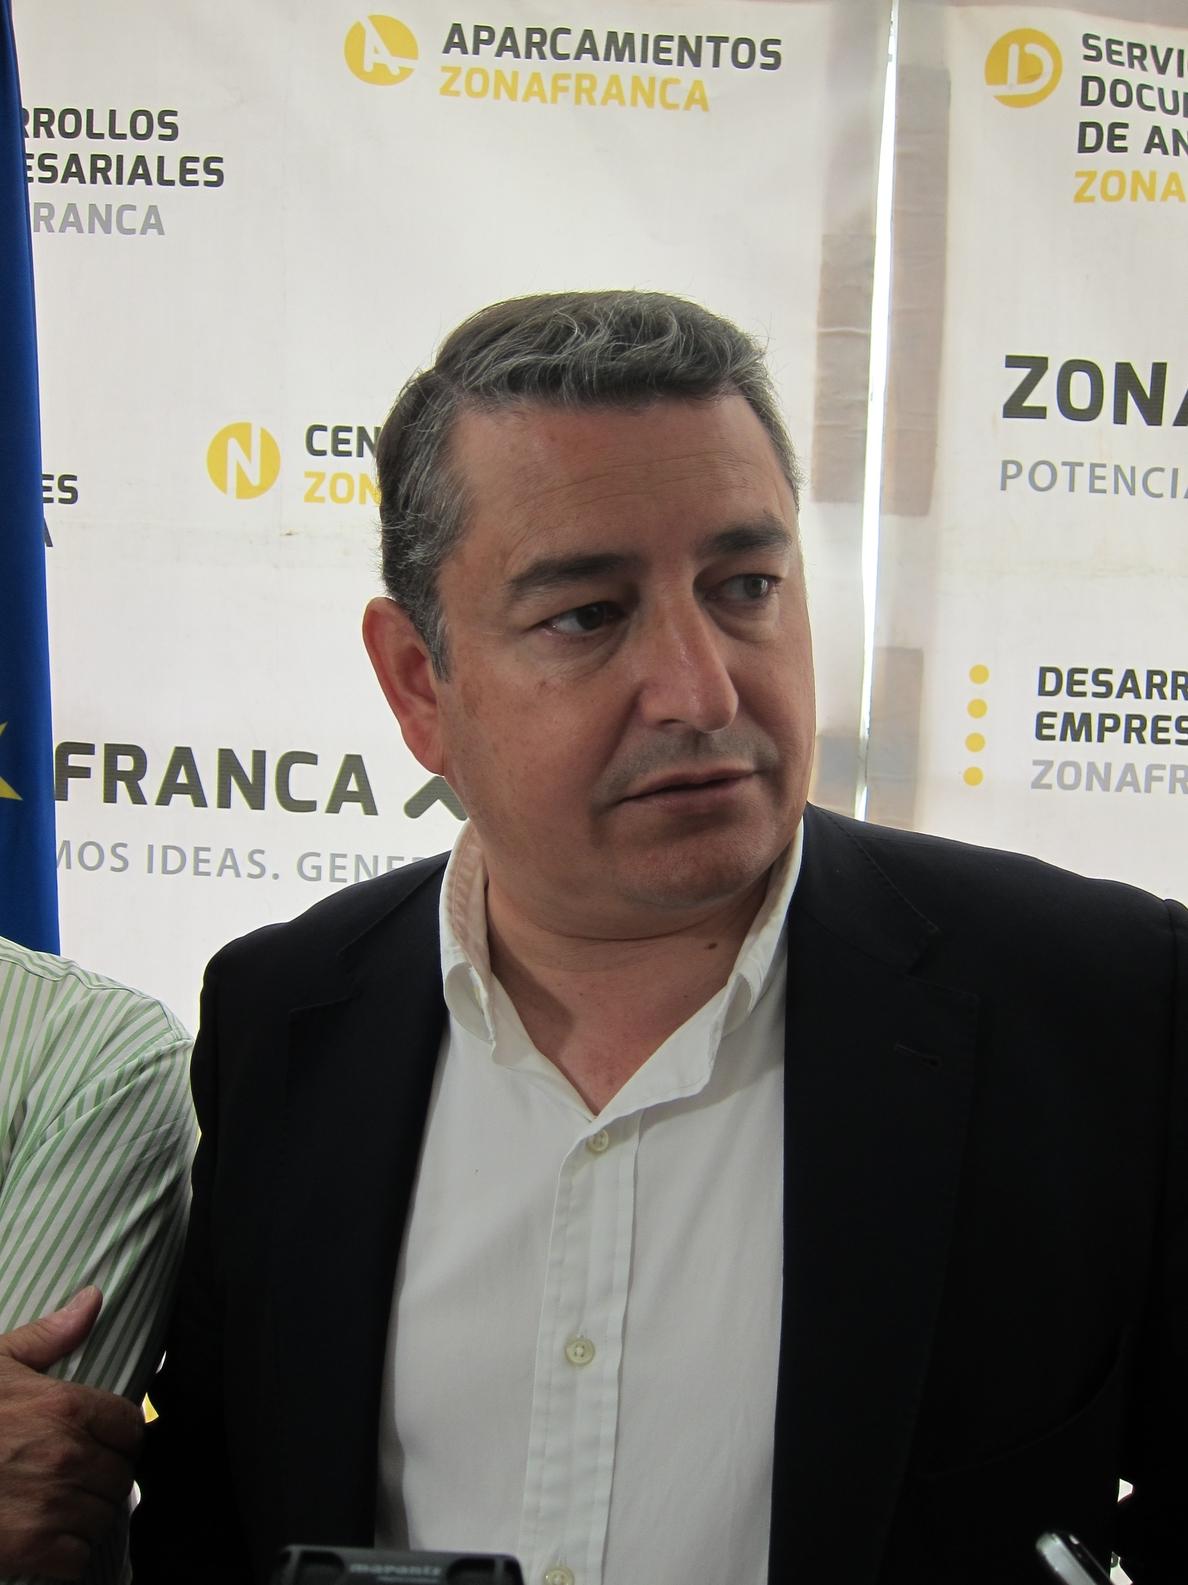 A Sanz no le «consta» que Gobierno haya decidido sobre La Almoraima y dice que la gerente expresó «su opinión»